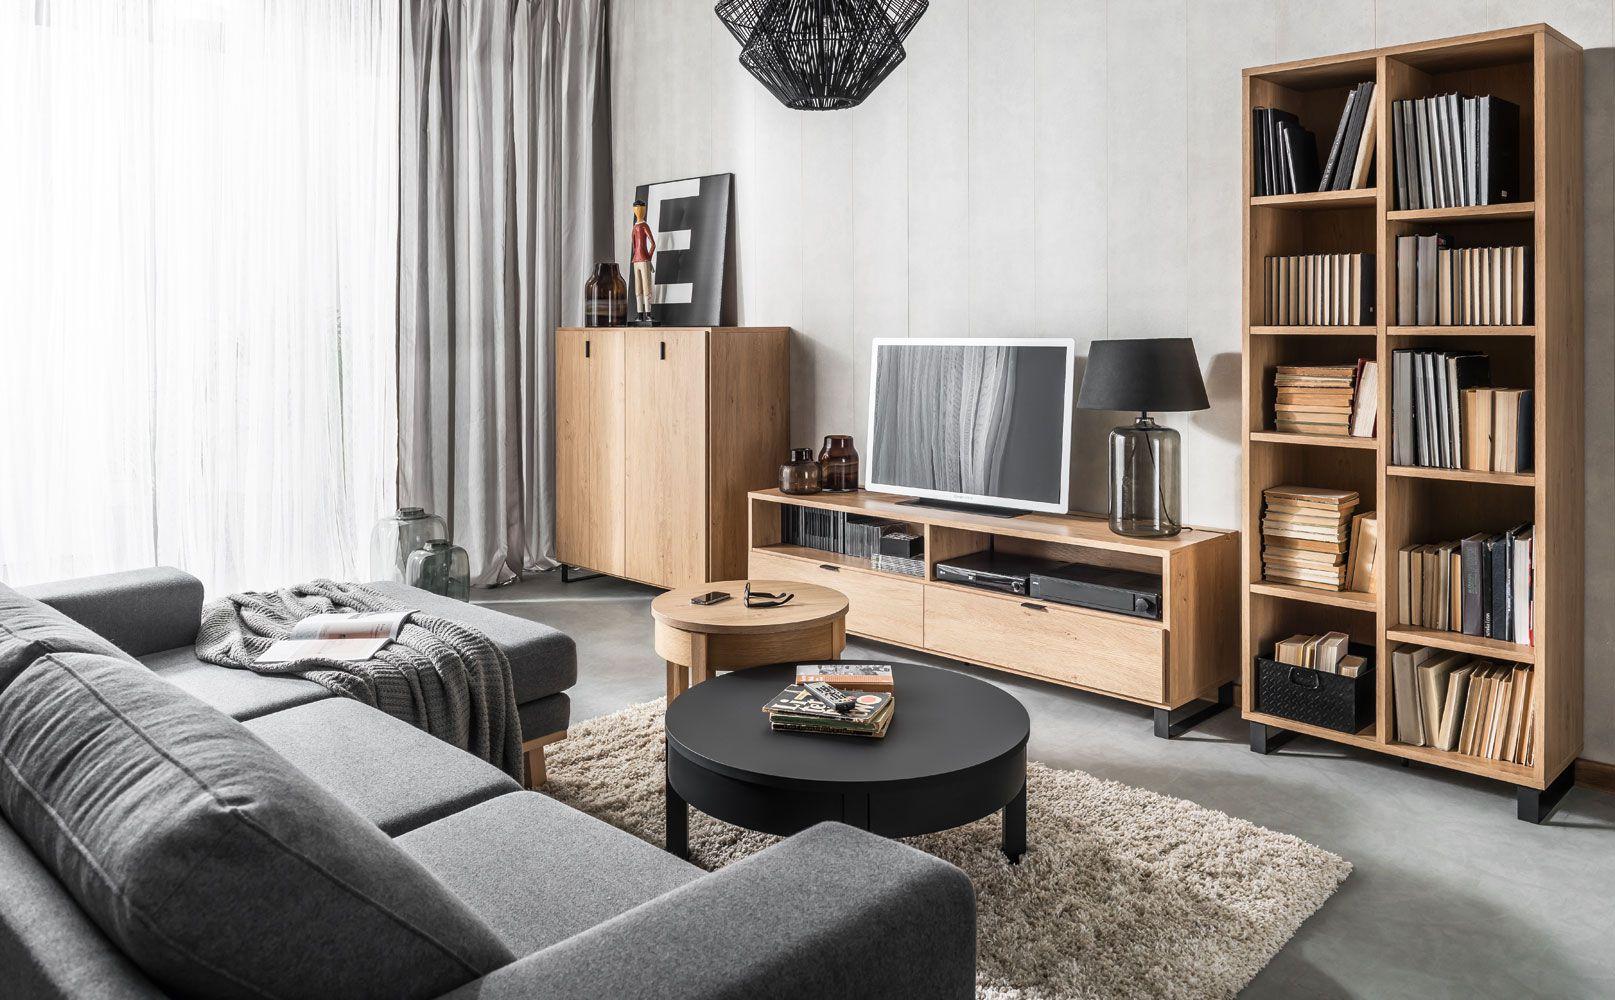 """Wohnzimmer Komplett - Set """"Patitas"""", 5-teilig, Farbe: Eiche"""